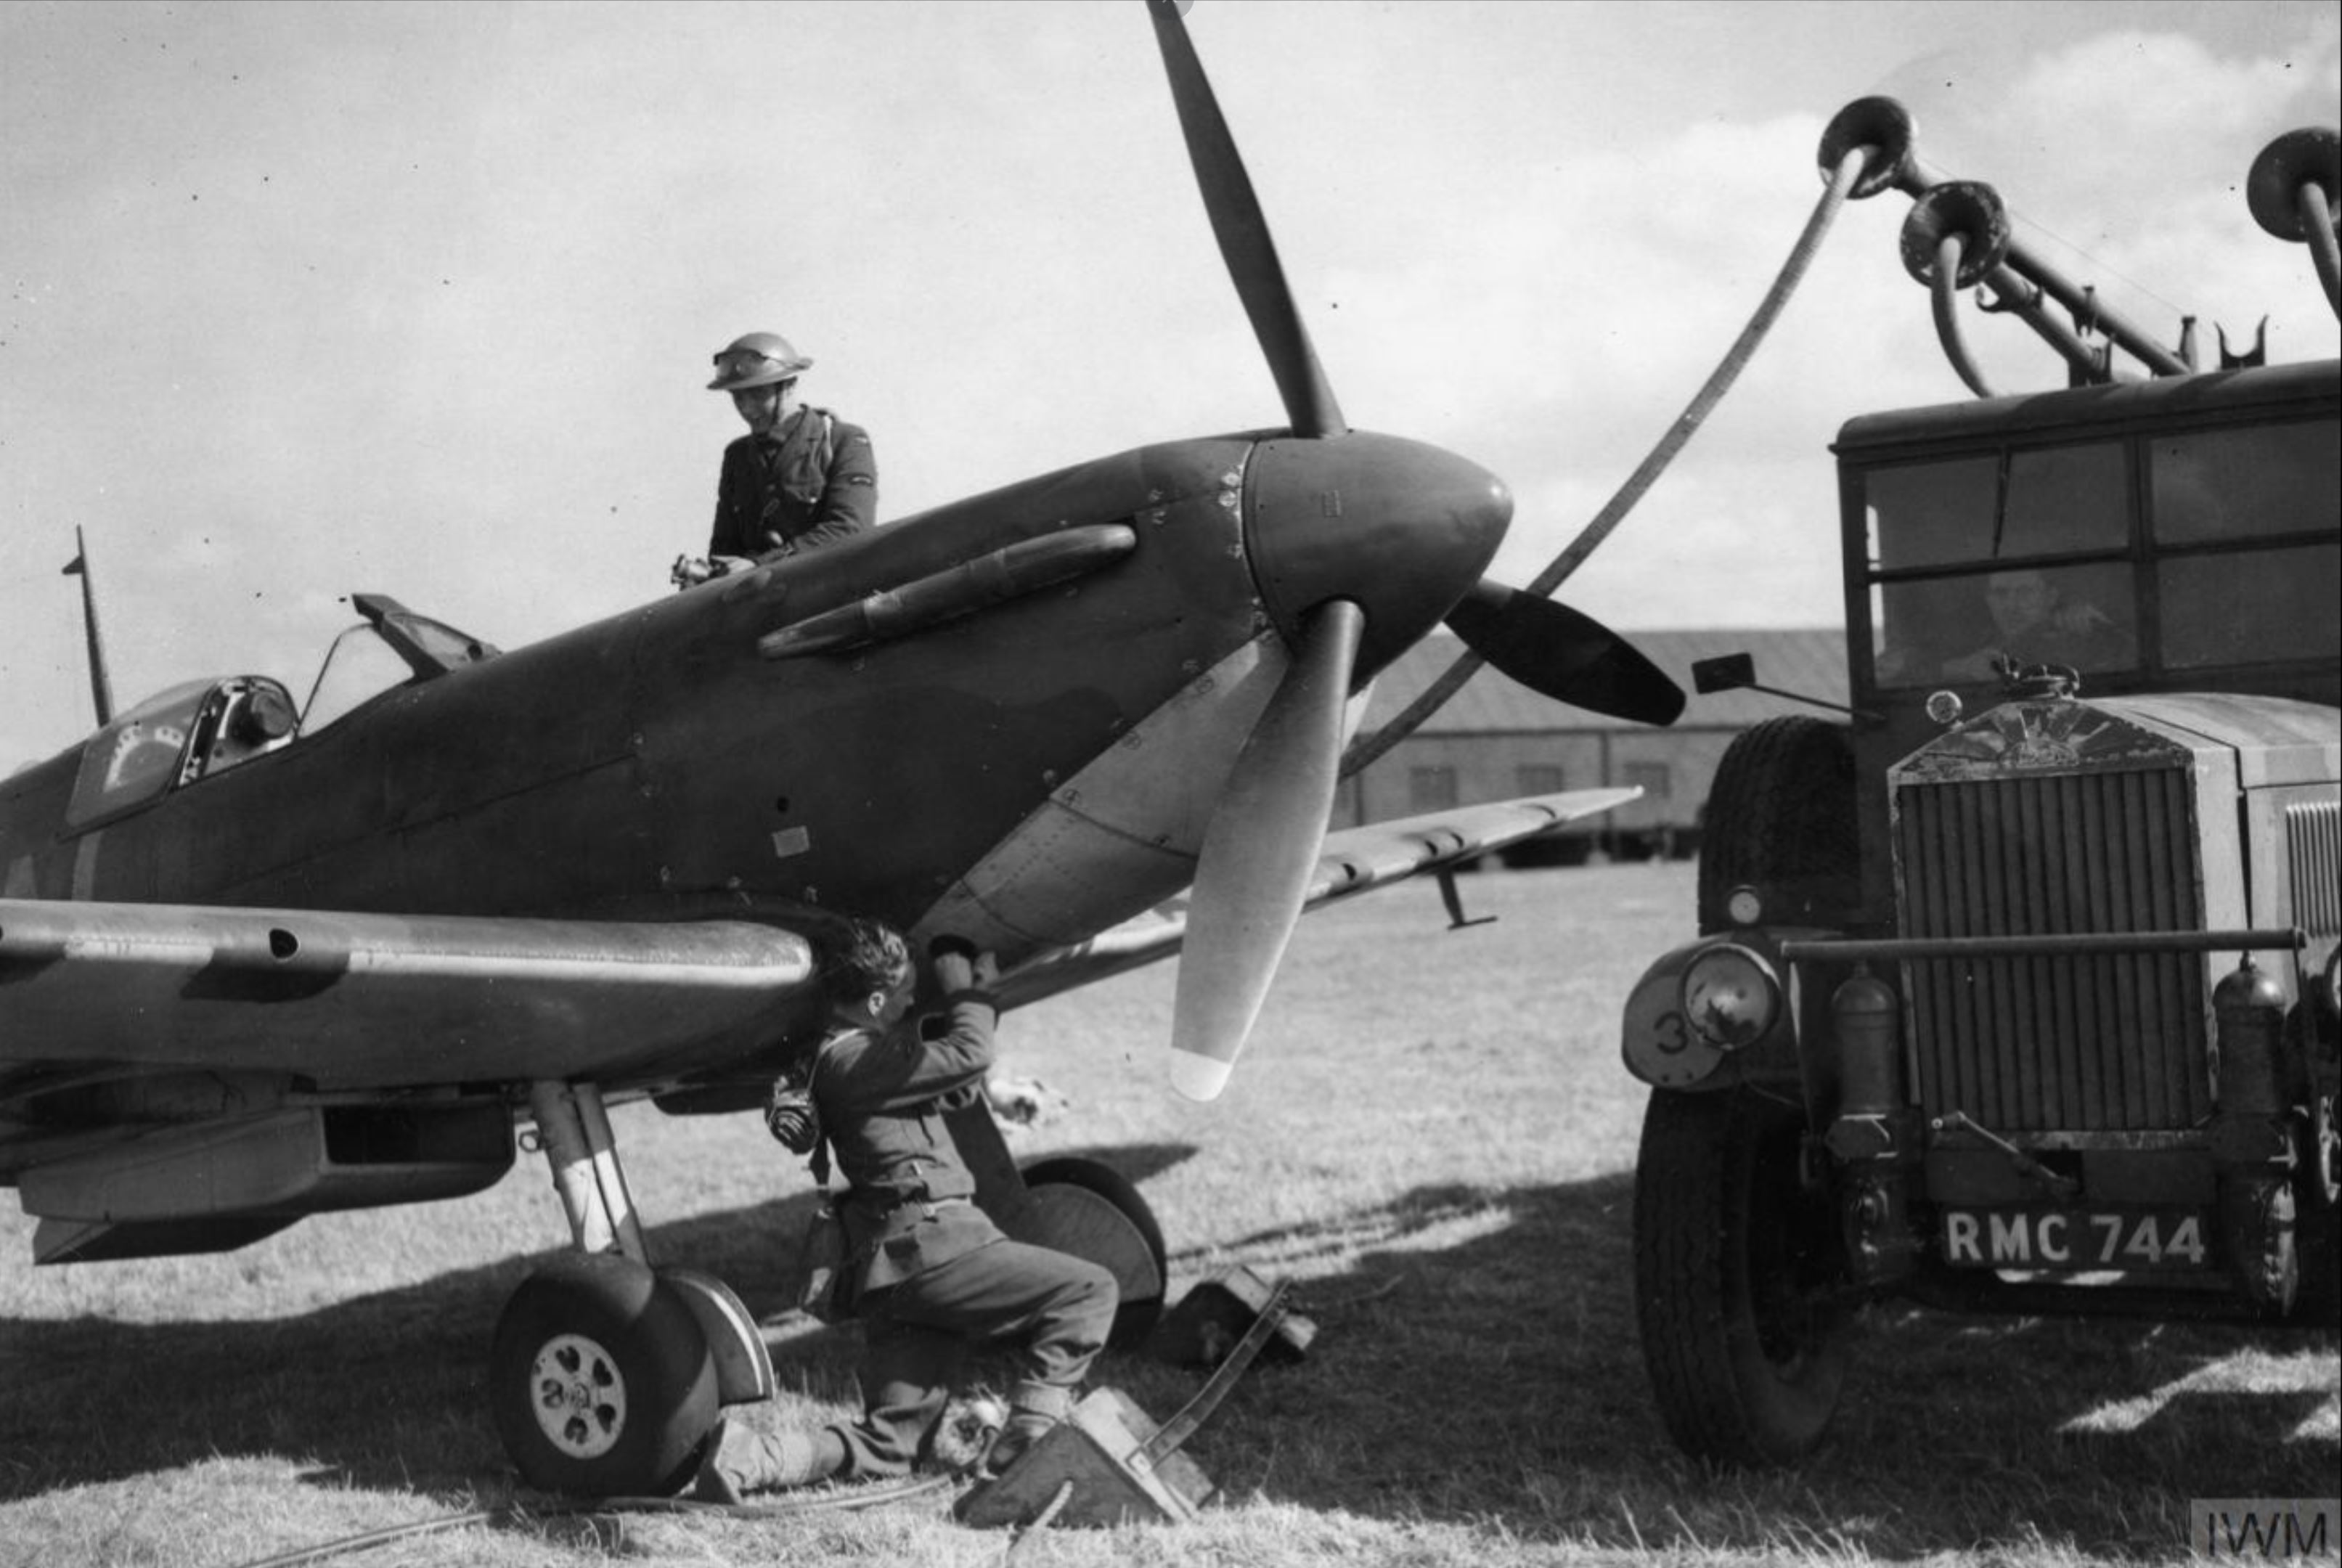 Spitfire MkI RAF 74Sqn LZN R6800 Sqn Ldr Rupert Leigh at Gravesend Sep 1940 IWM HU104507